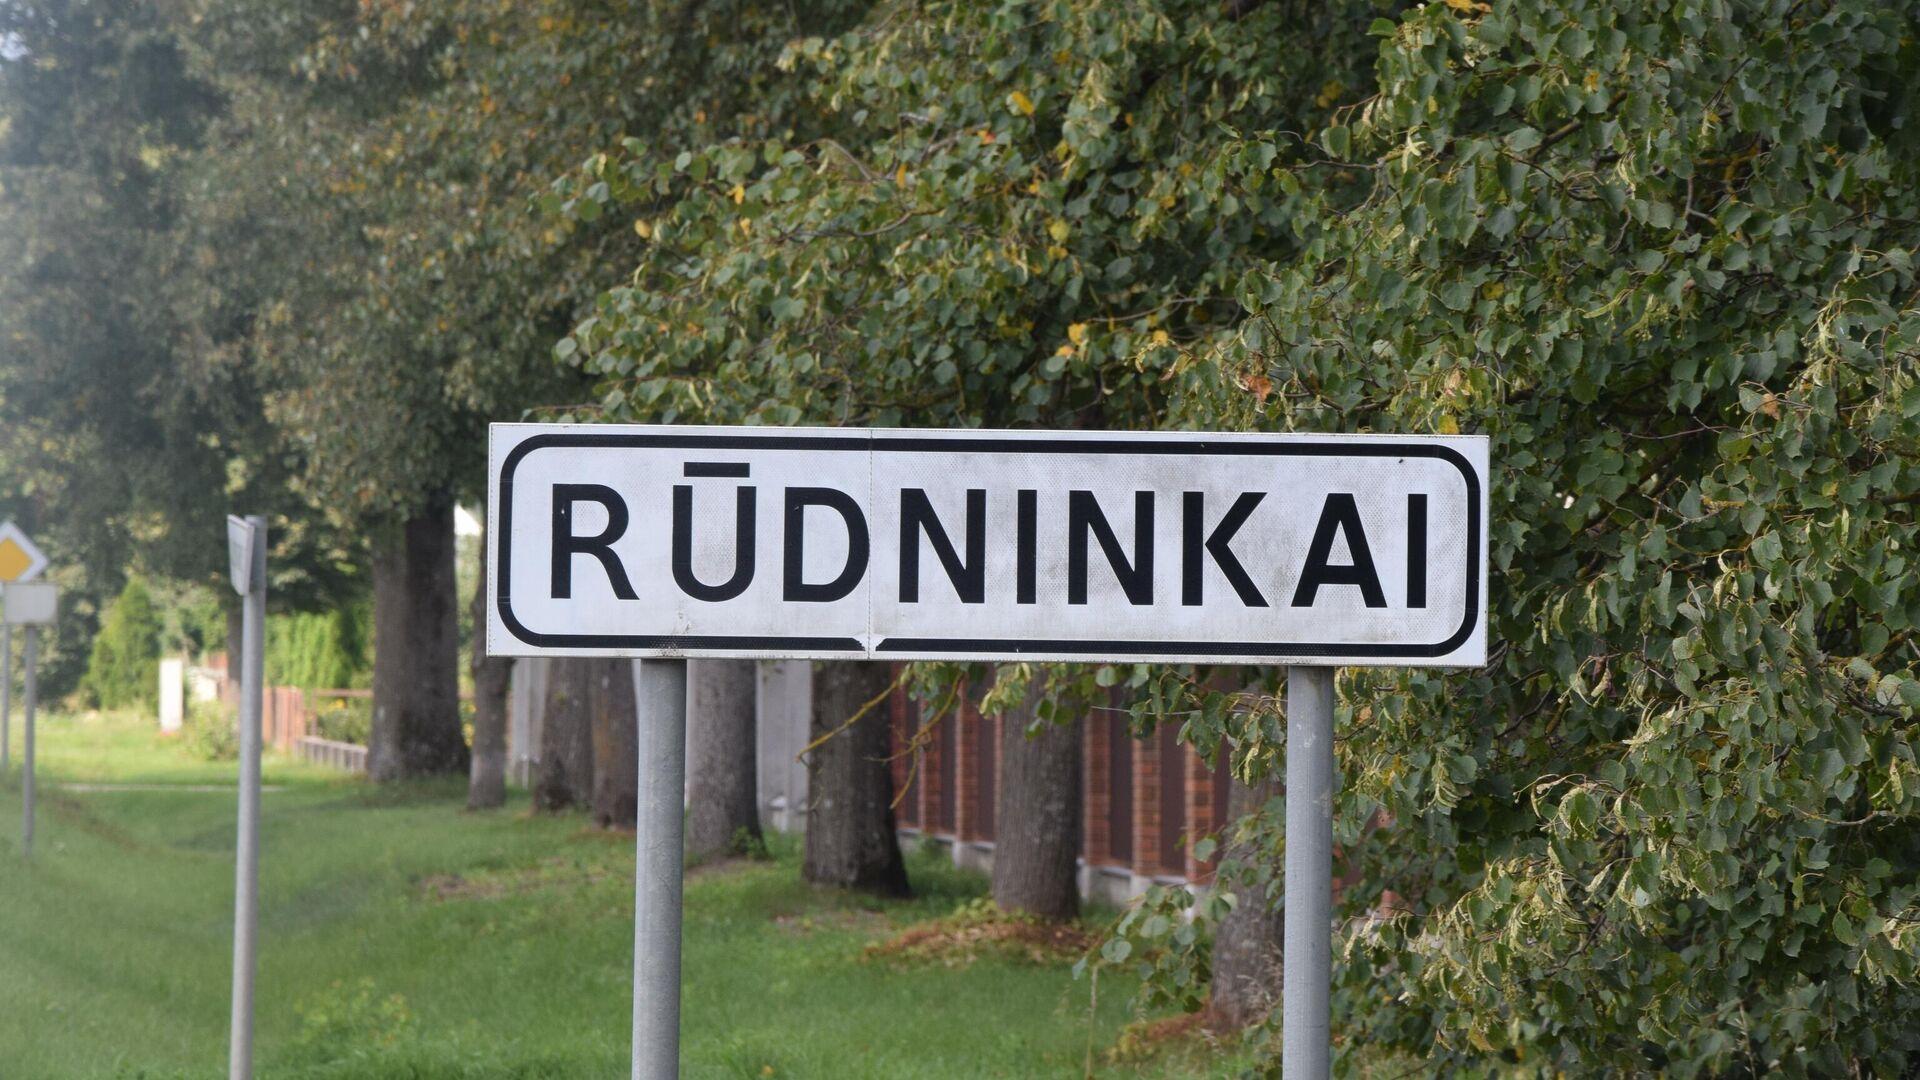 Знак возле деревни Руднинкай в Шальчининкайском районе Литвы - Sputnik Латвия, 1920, 30.08.2021